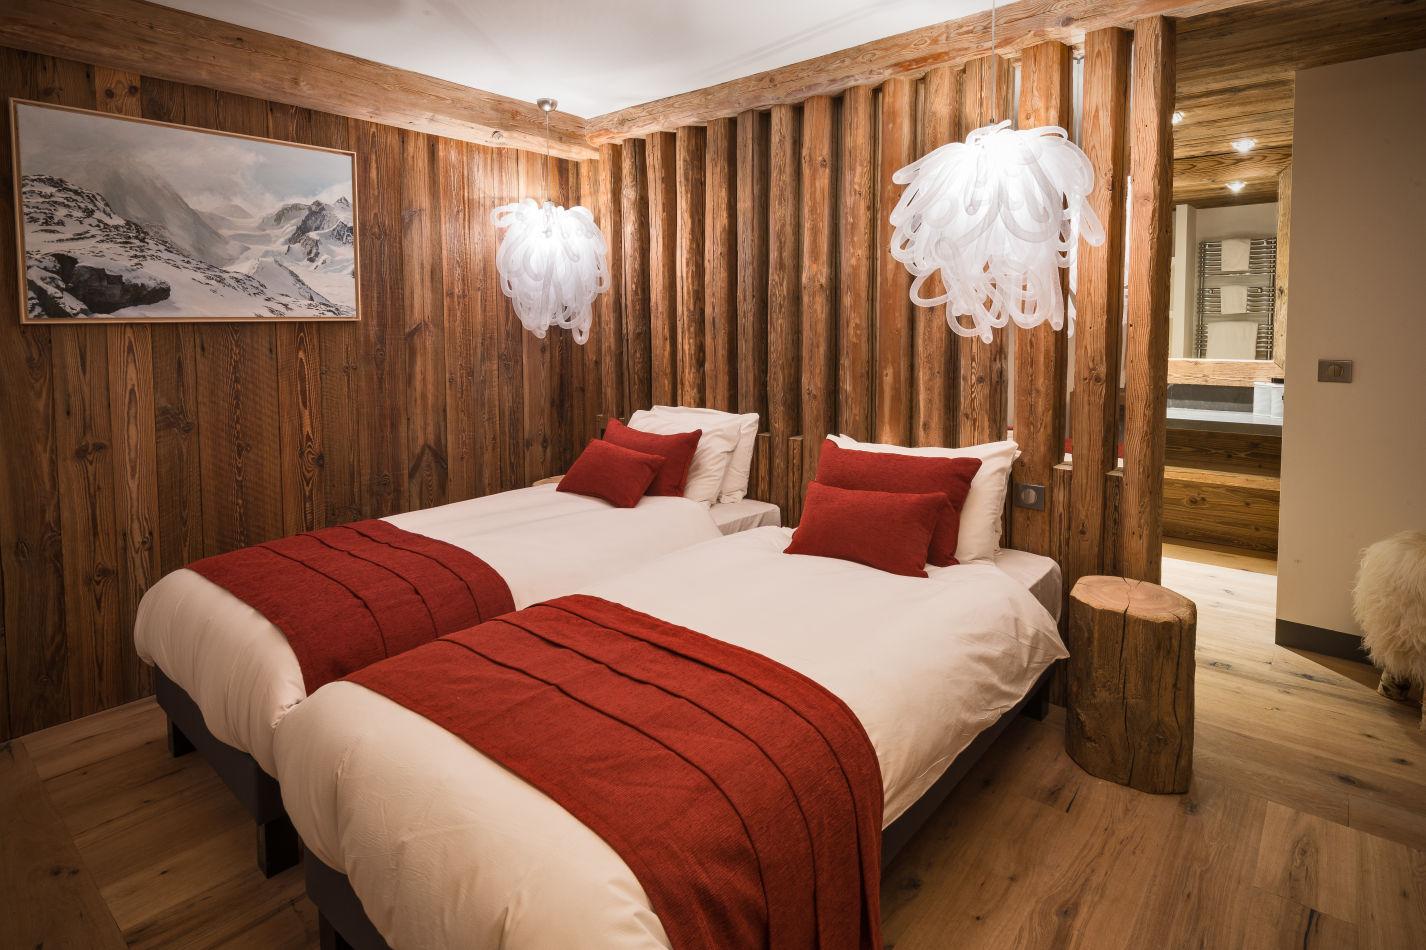 bedroom_5-3